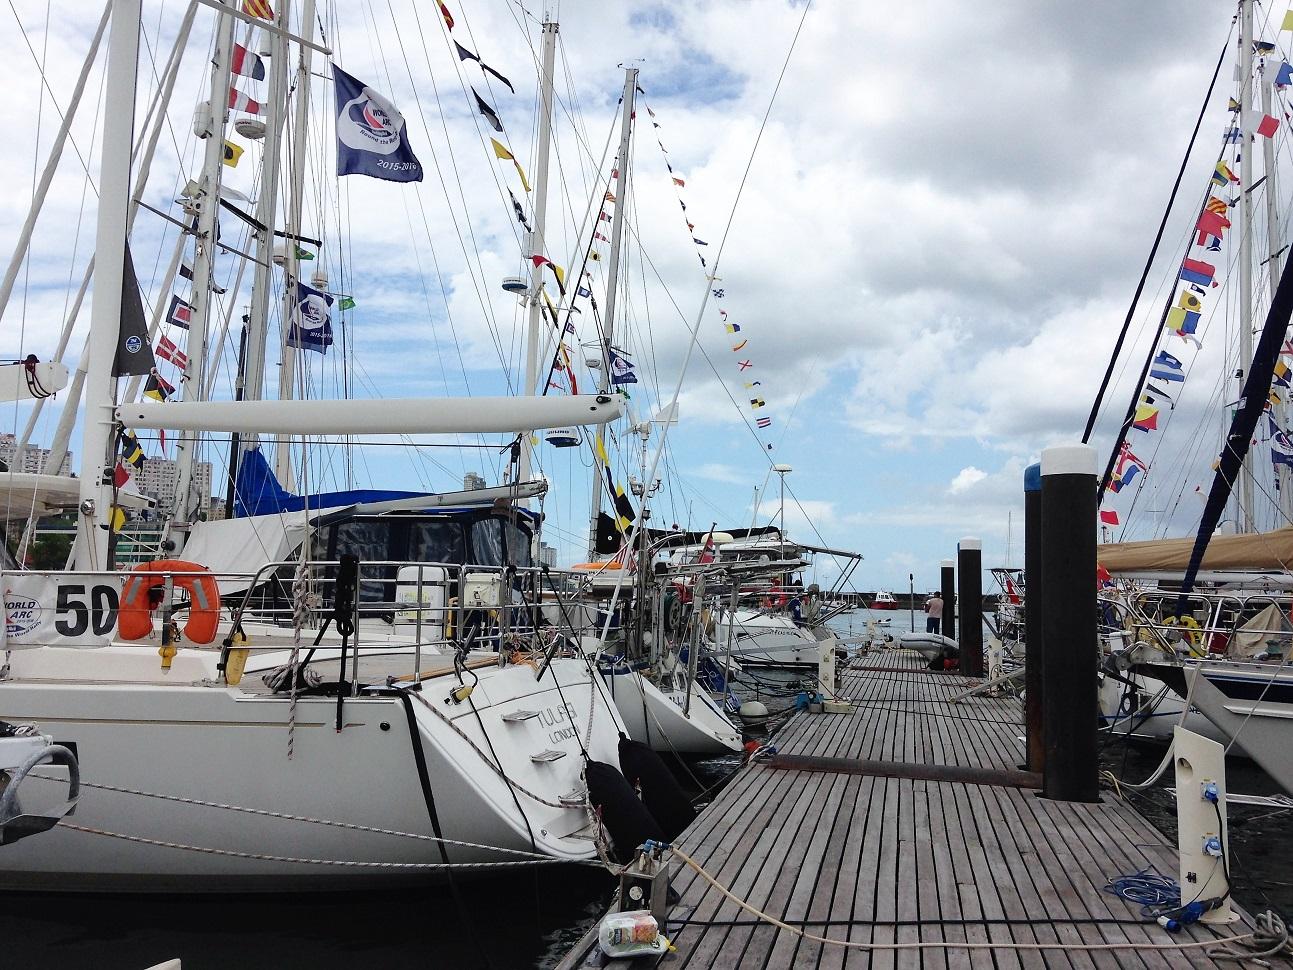 ARC boats at Marina (1).JPG